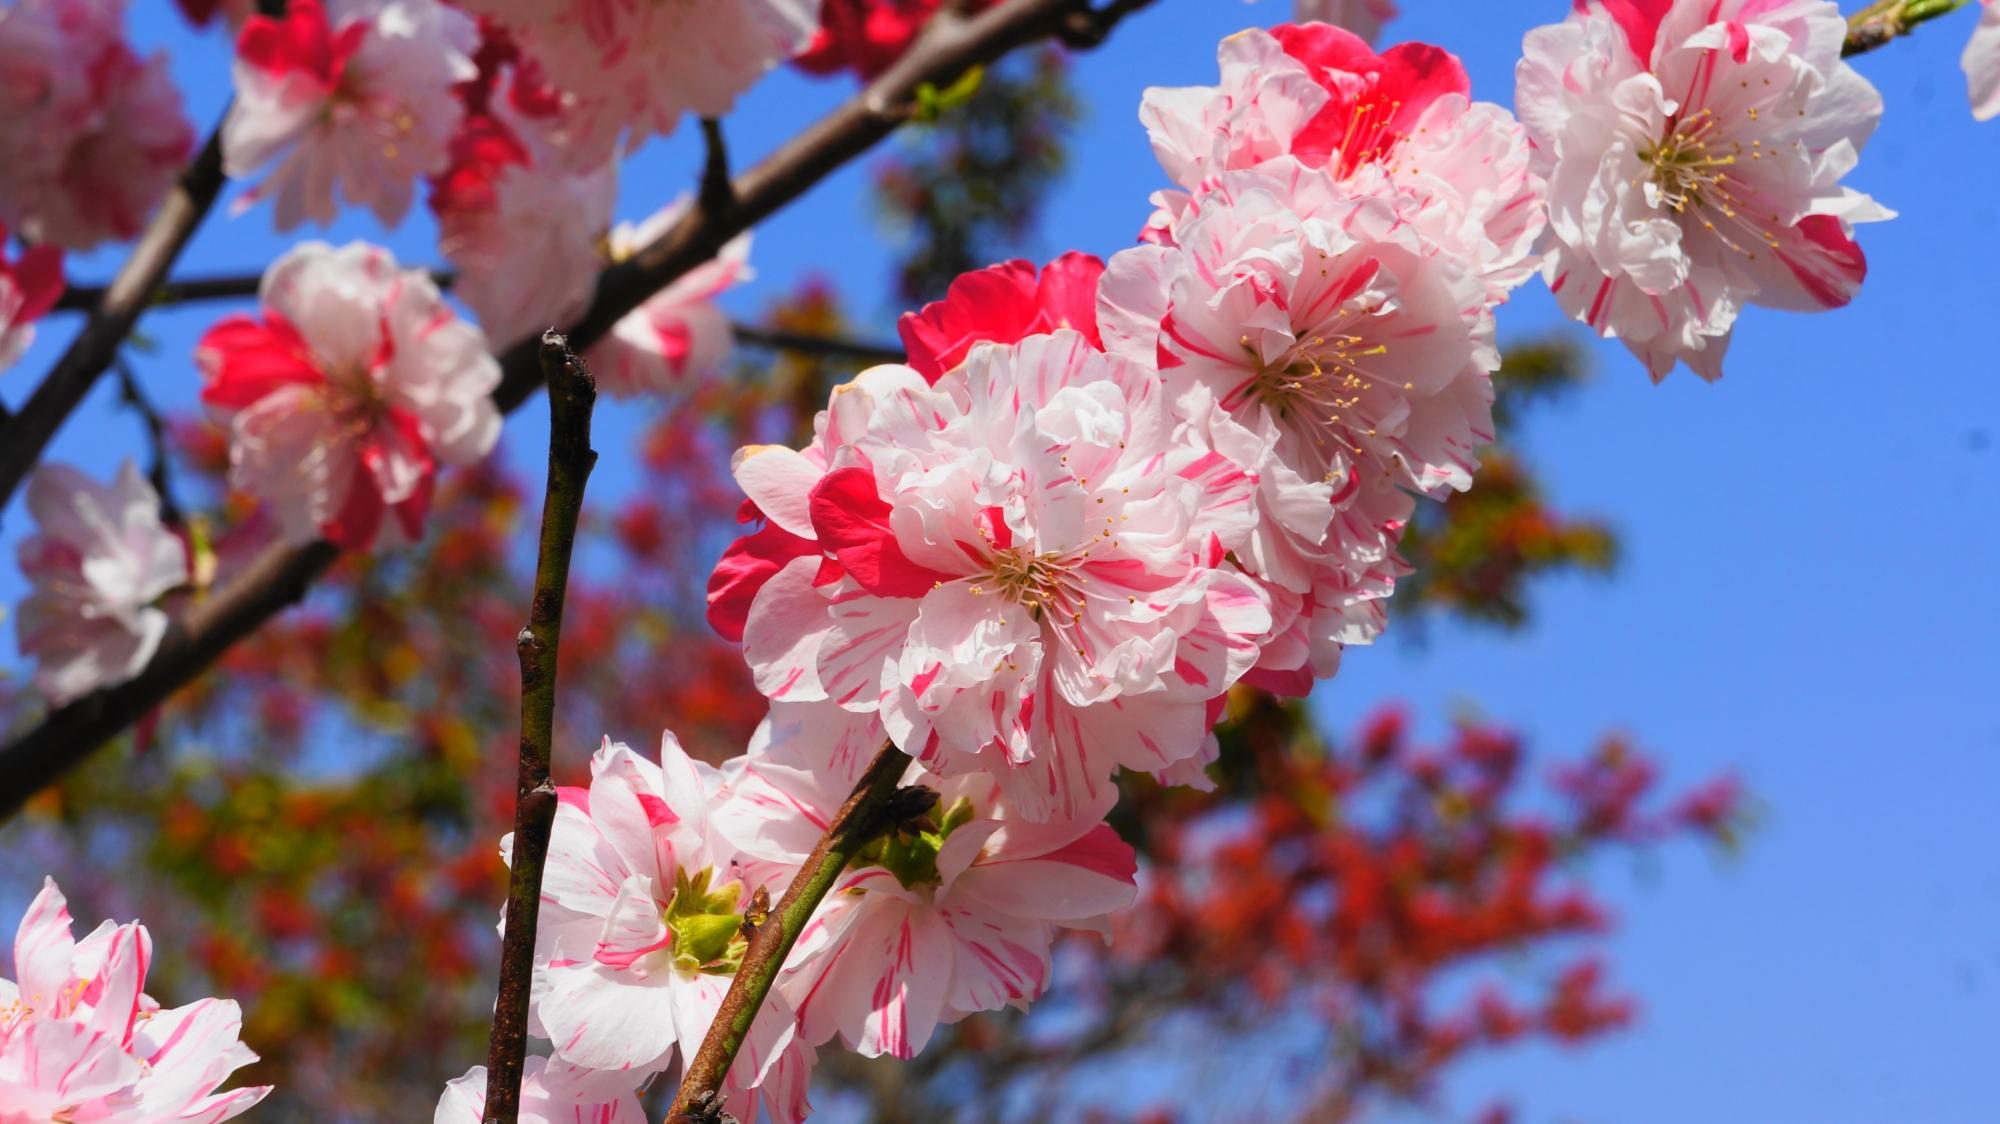 おめでたい紅白の華やかで可愛い桃の花です